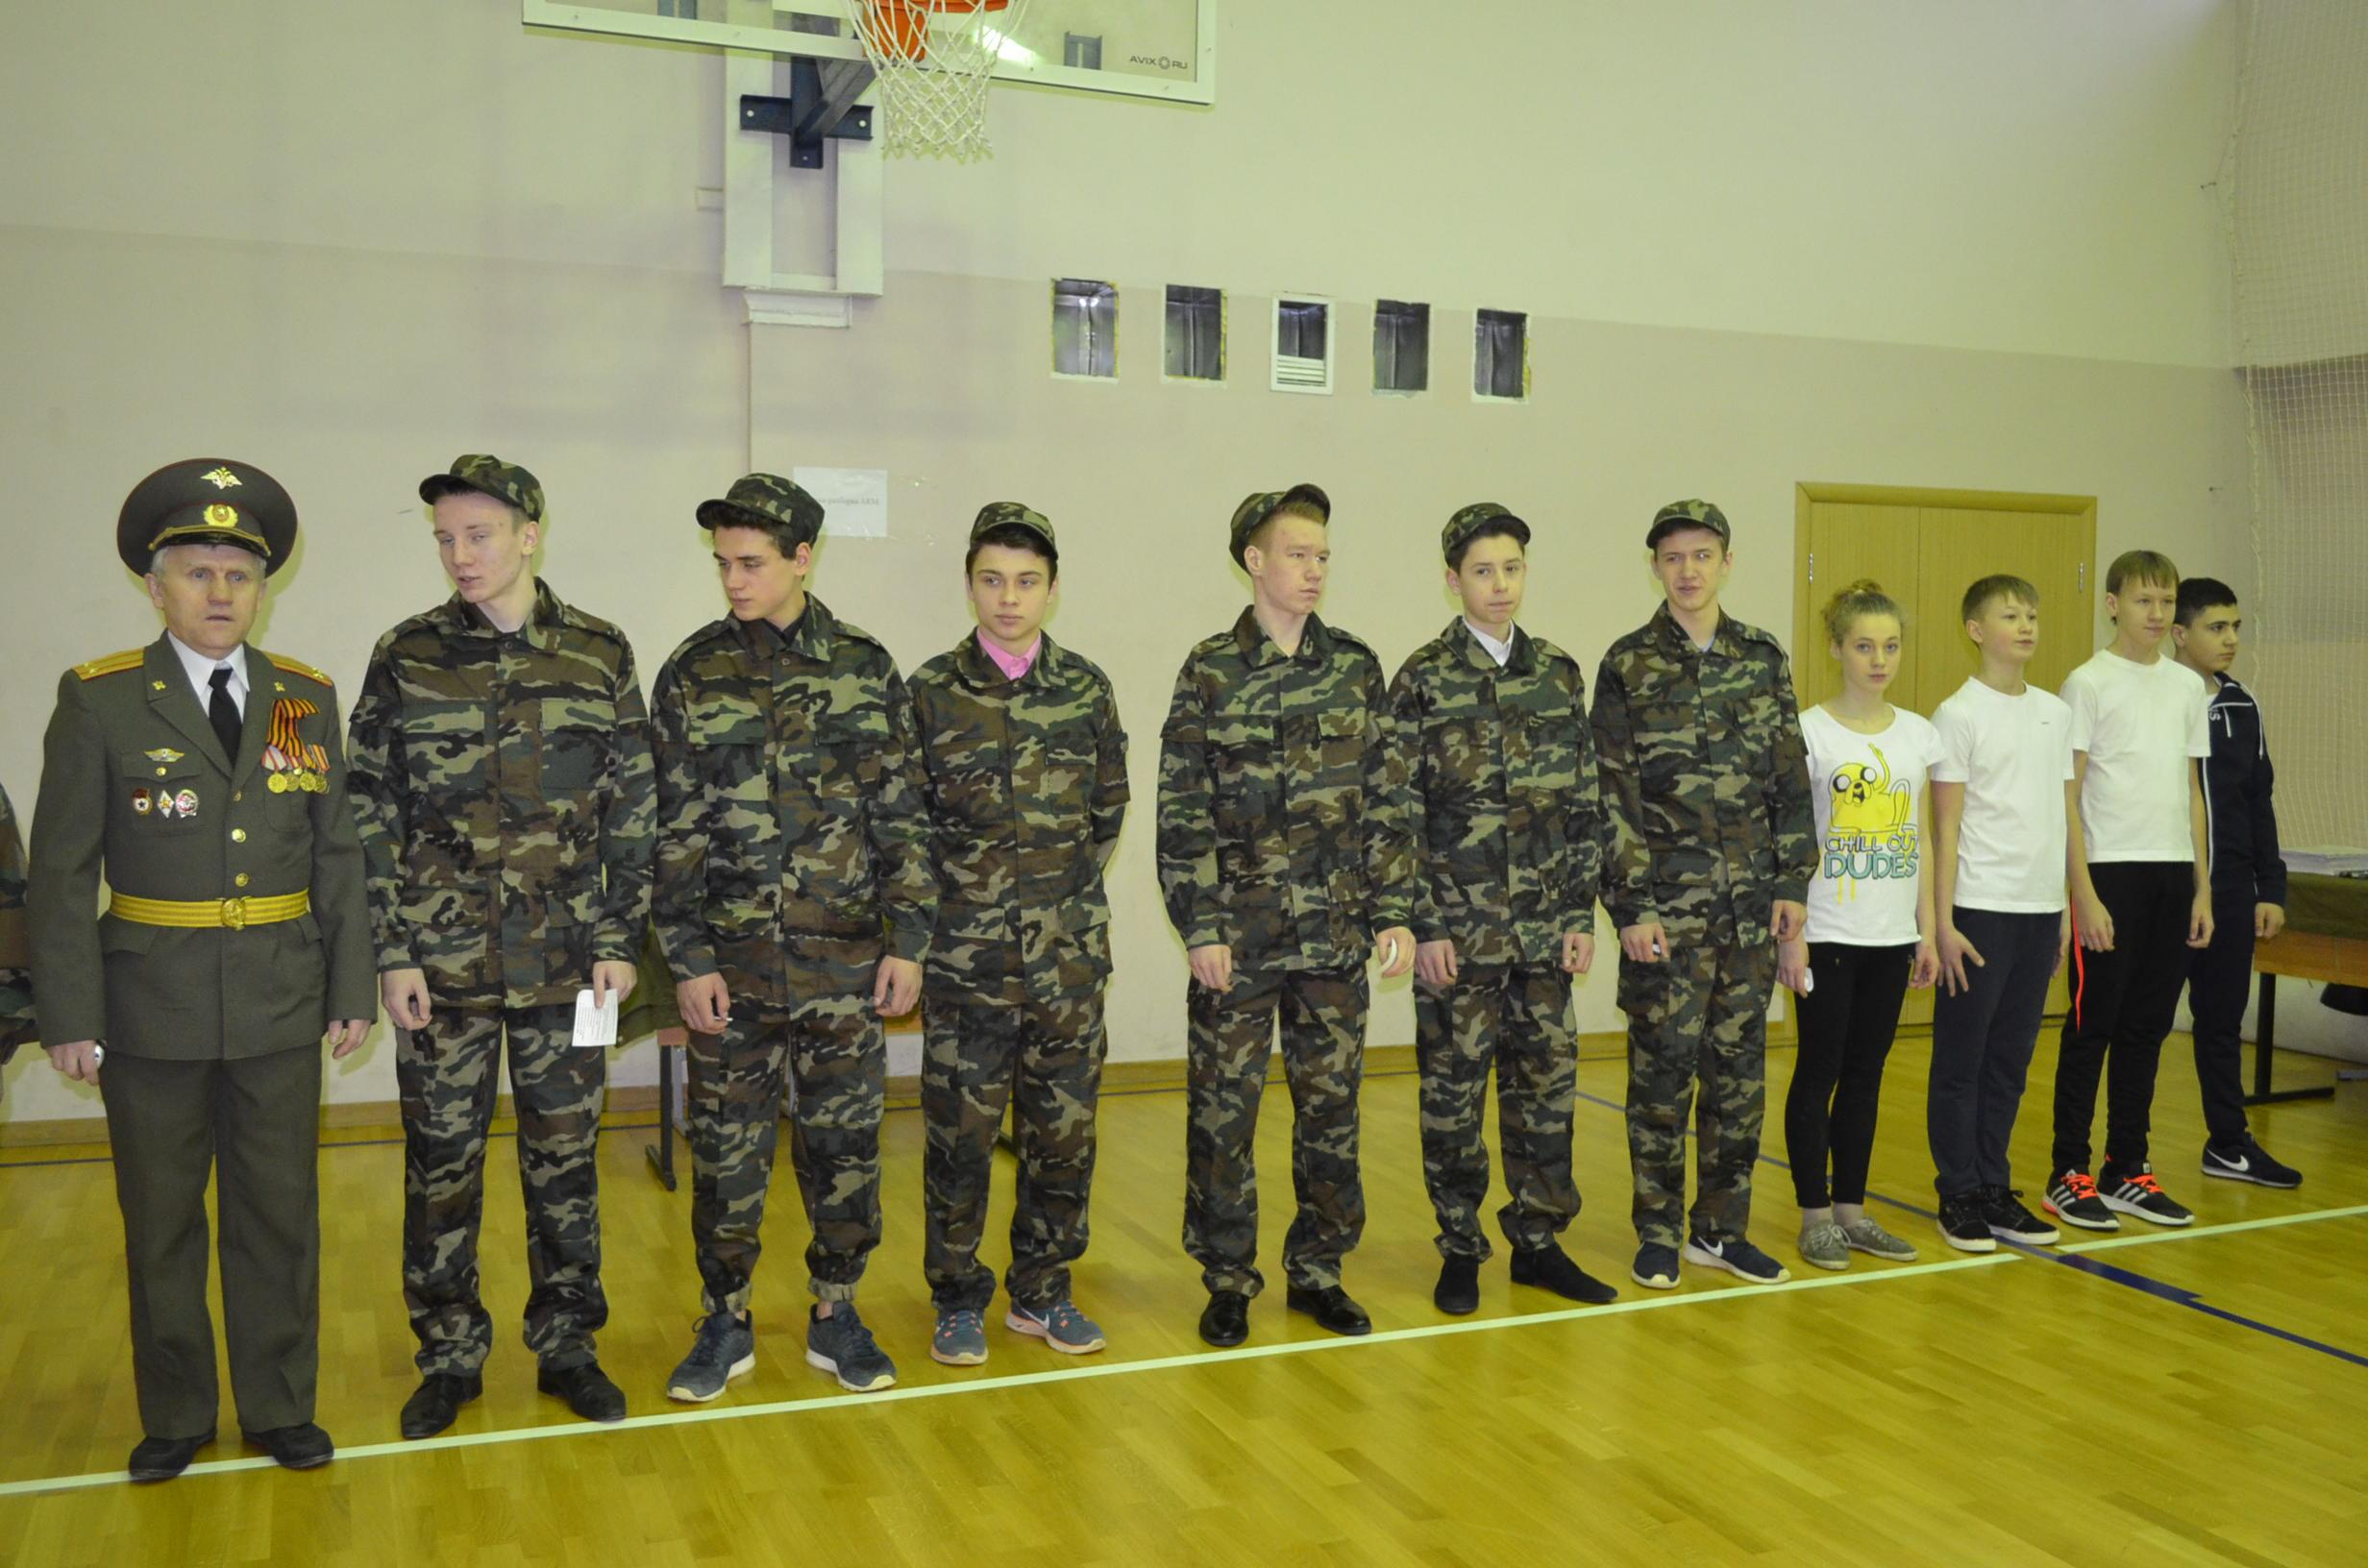 Областные соревнования по стрельбе Ворошиловский стрелок